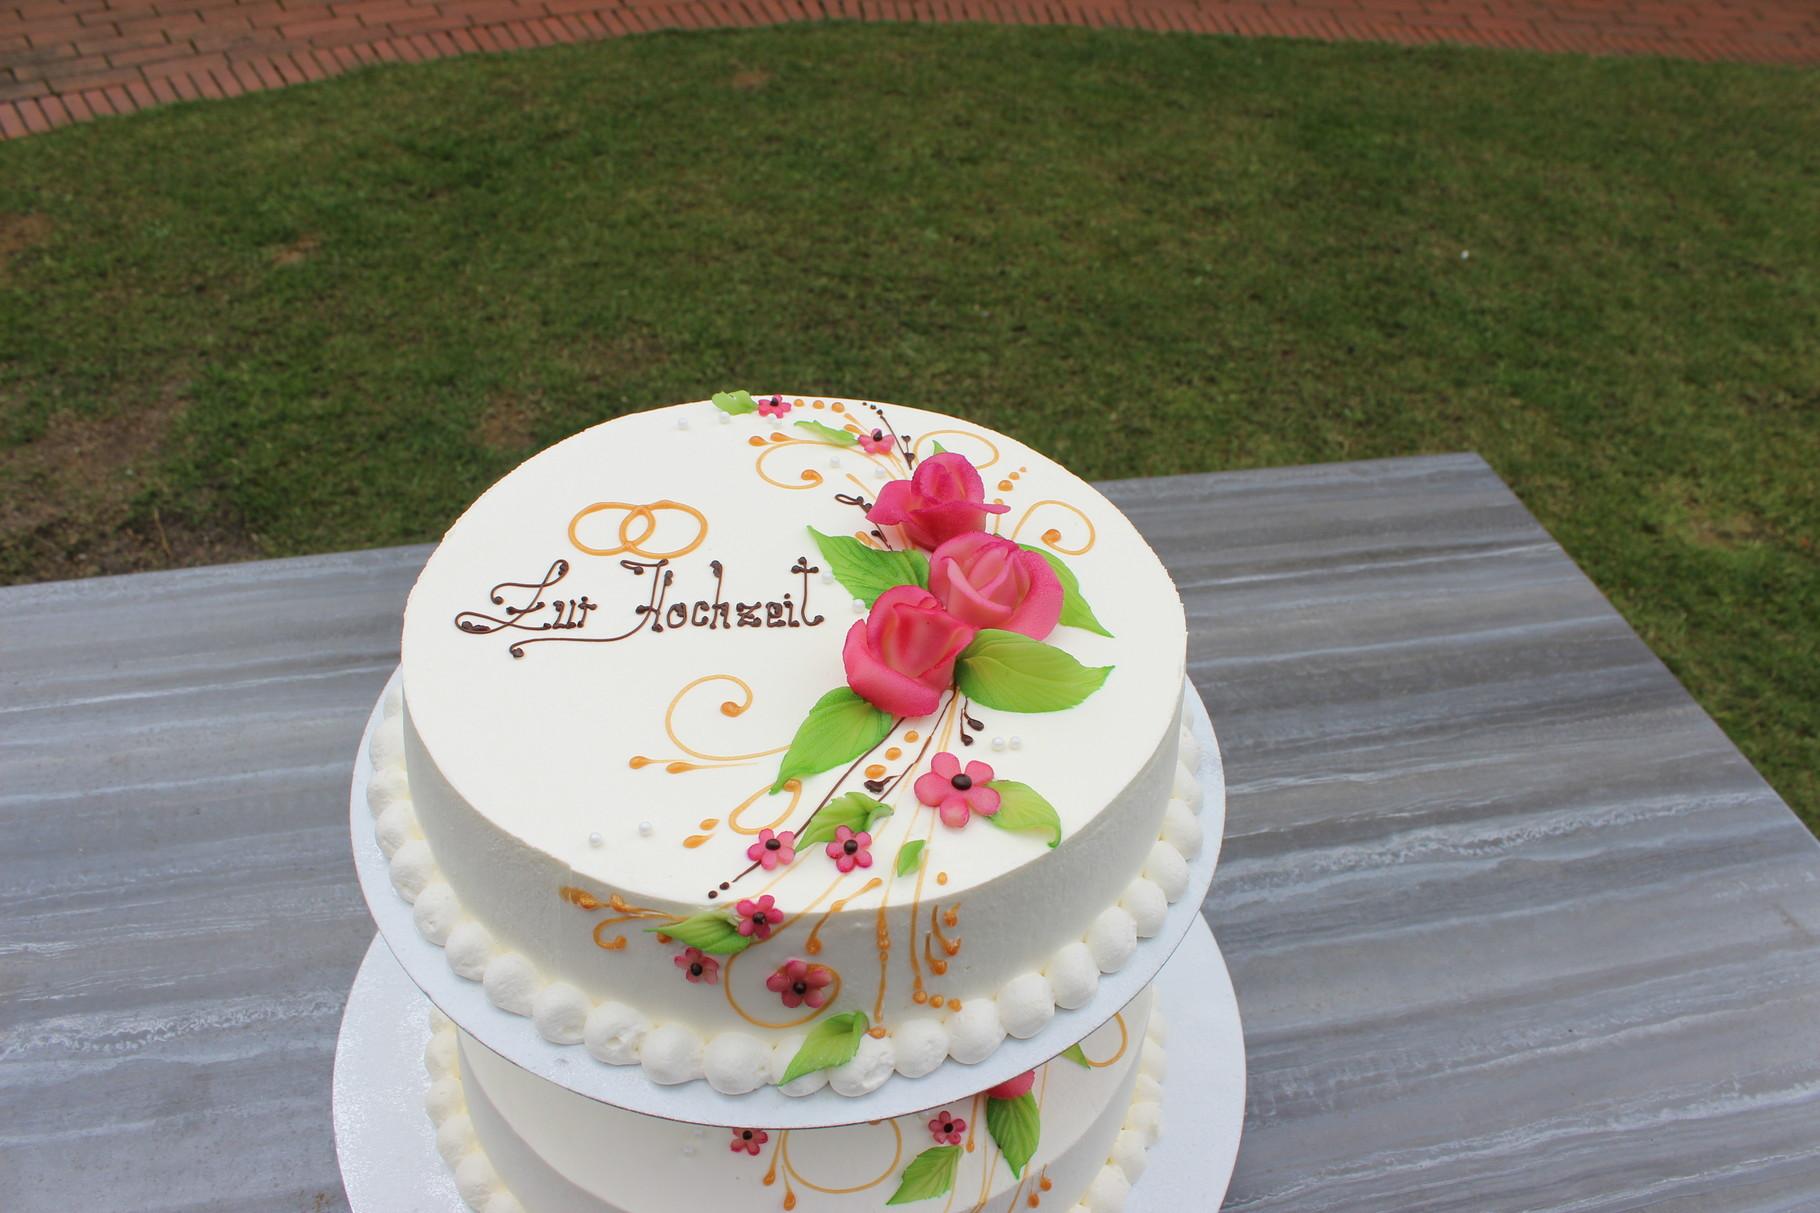 Moderne Hochzeitstorte mit Rosen von Airbruschtechnik